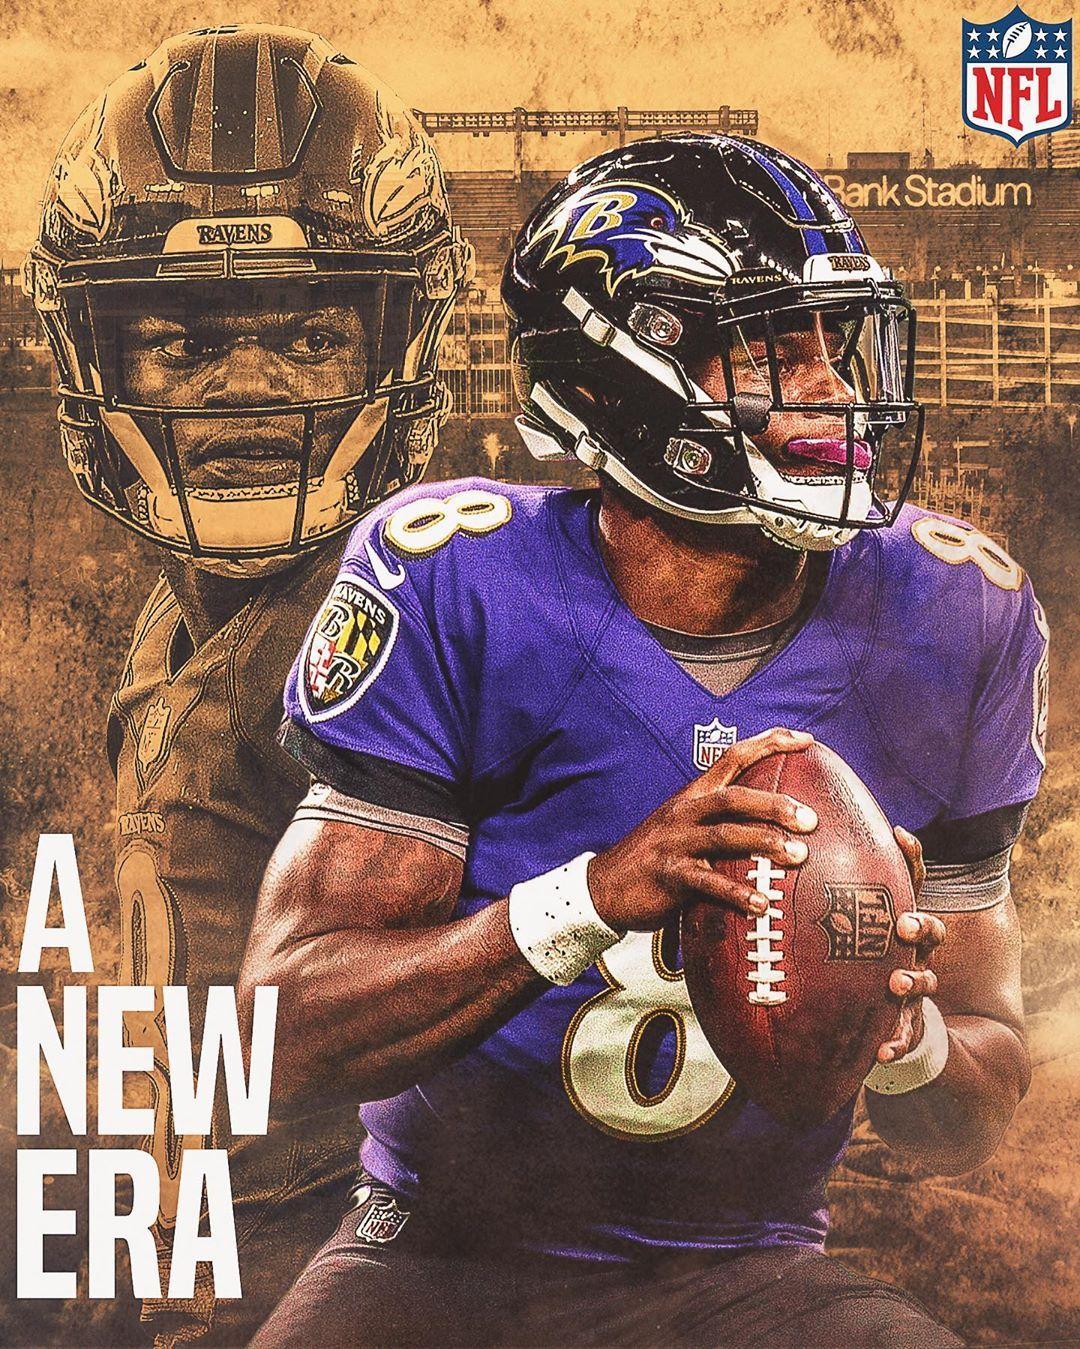 Brandon Long On Instagram New Era8 Is Changing The Game Sportsdesign Sportsdesigner Nfl Football Art Nfl Football Wallpaper Nfl Football Pictures